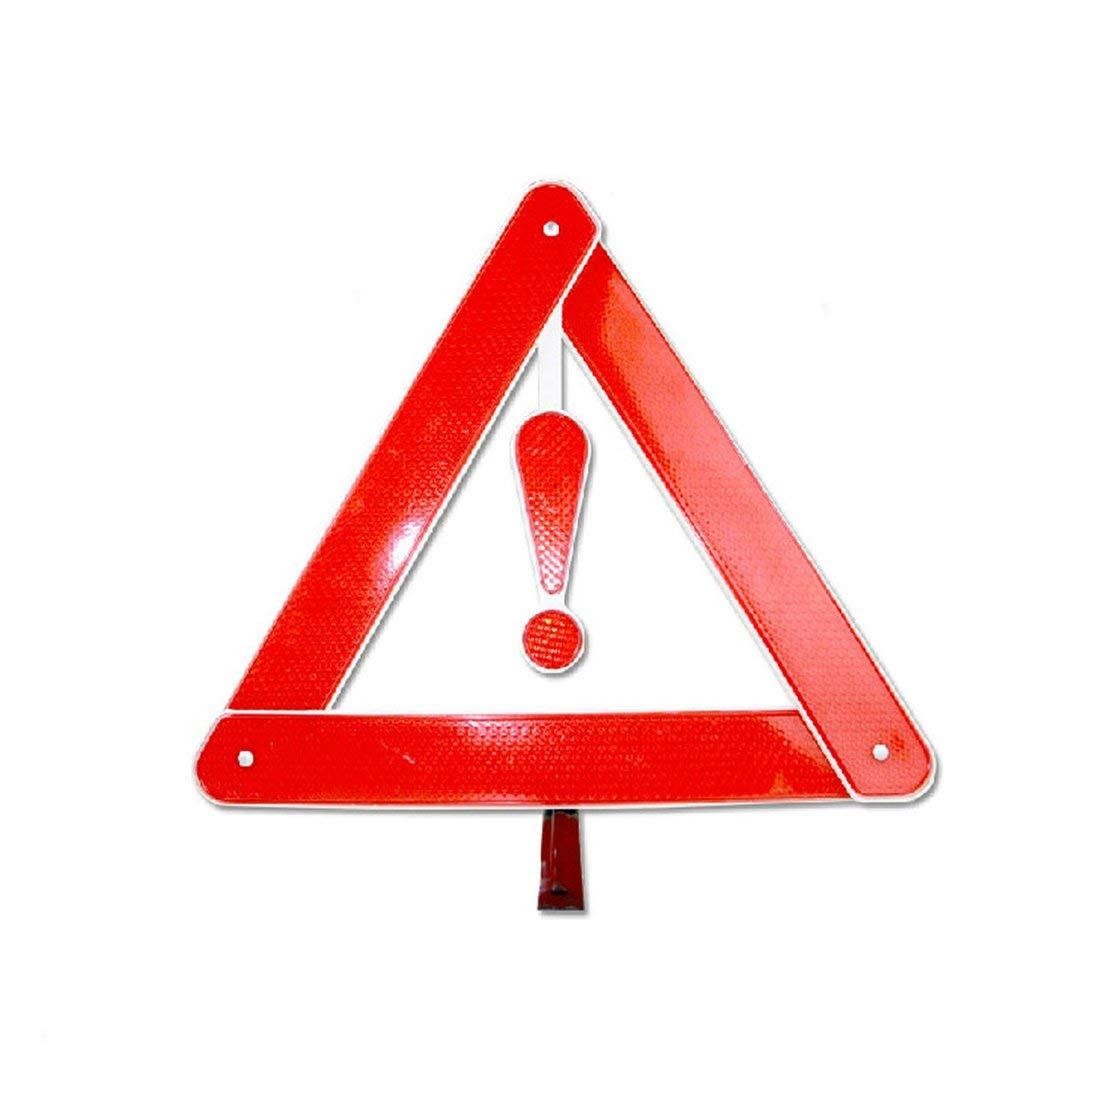 BlackPJenny Segnale di Avvertimento Riflettente Auto Car Stop Veicolo Pericolo di Emergenza Pieghevole treppiede Carreggiata parcheggio Sicurezza Triangolo Segno